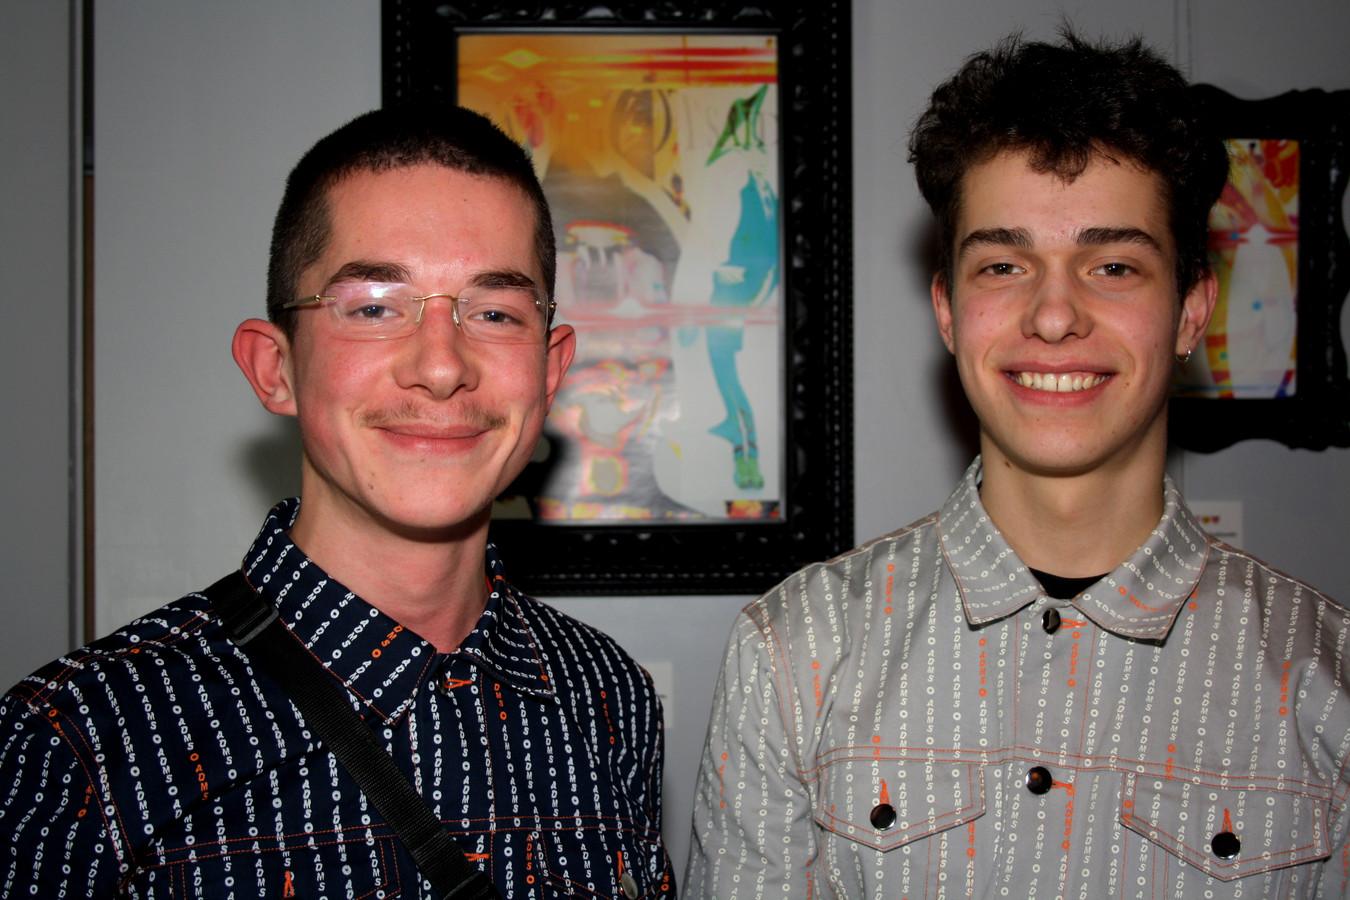 De broers Koen (18) en Stijn (20) van Eeckhoutte.